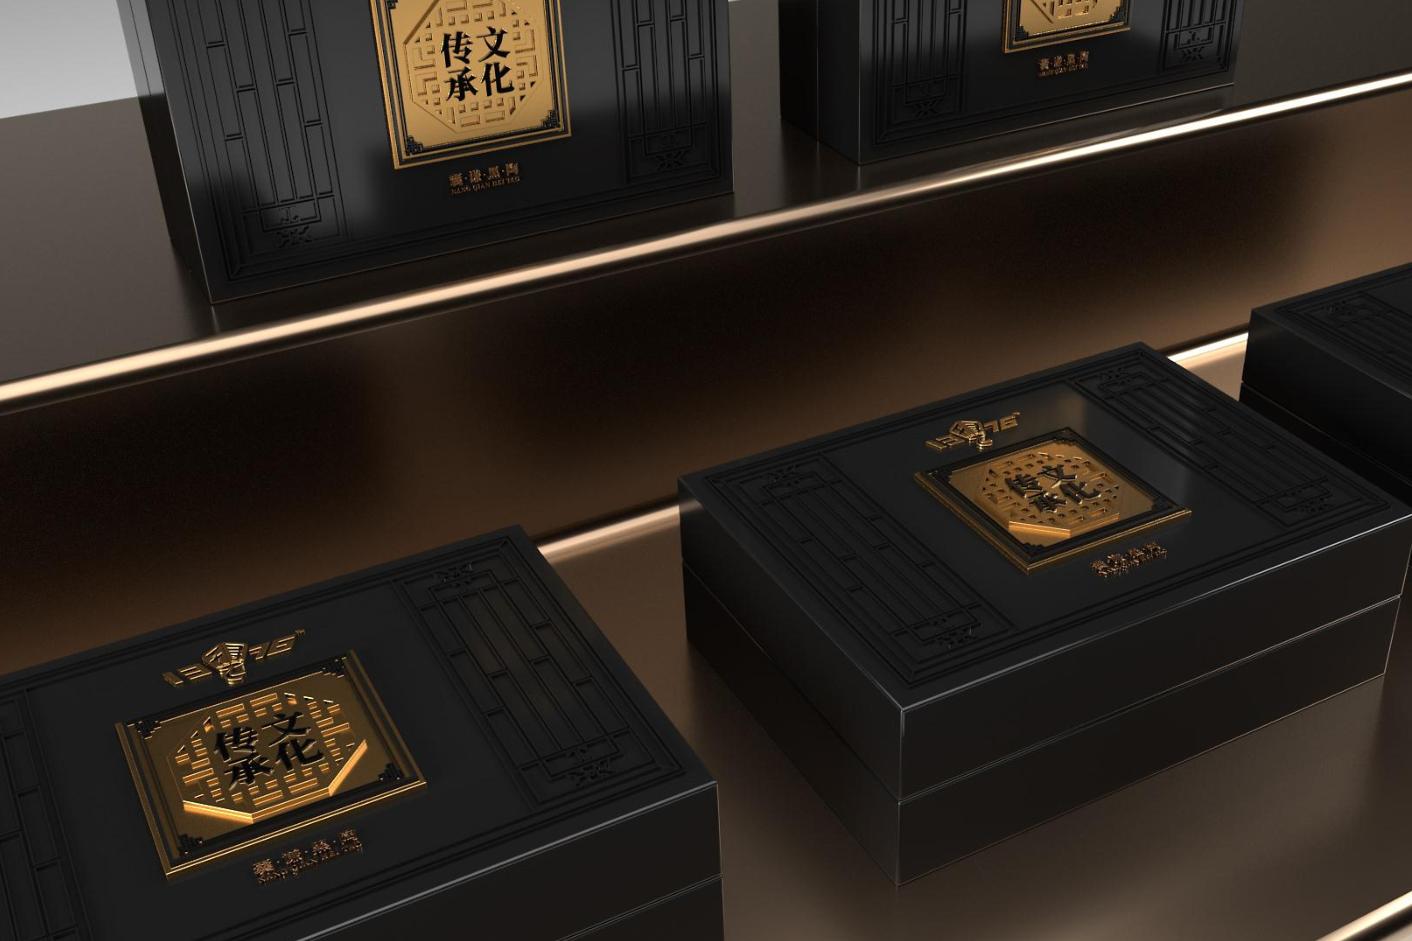 包装设计师纸盒饮料茶药品酒礼盒带字做图桶餐饮食品产品礼品手袋